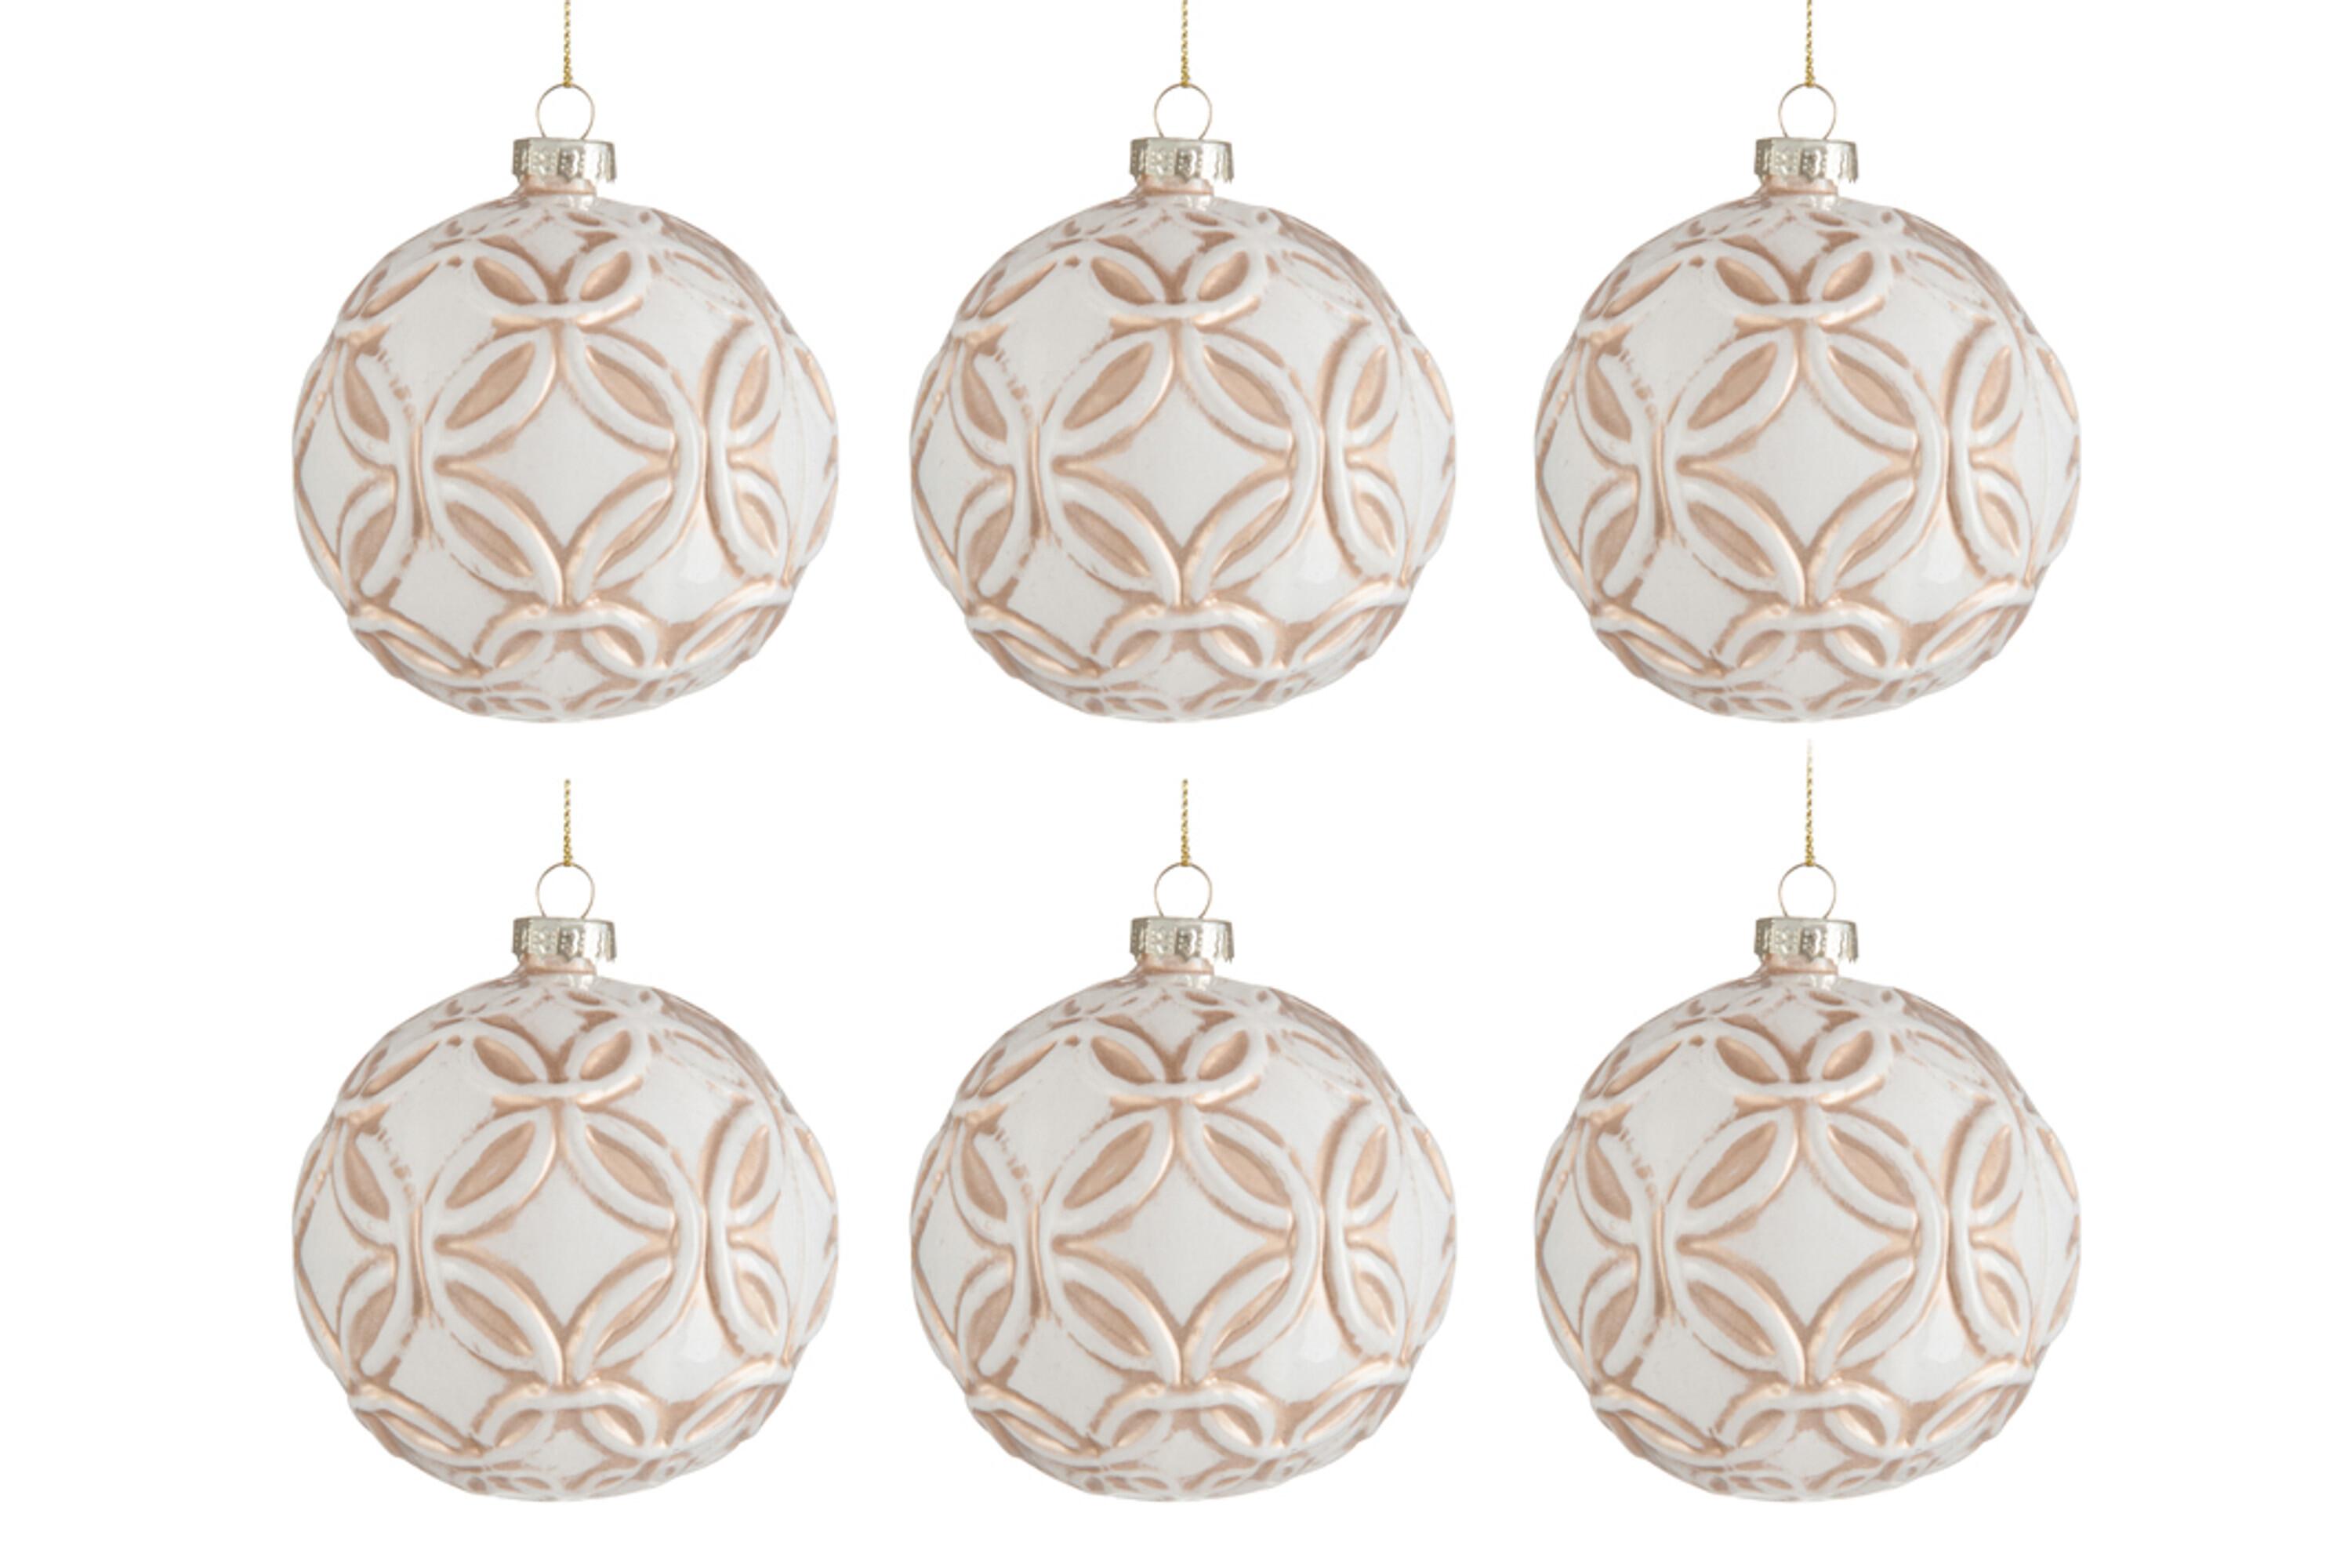 Vánoční ozdoba CIRKELS - 6 kusů